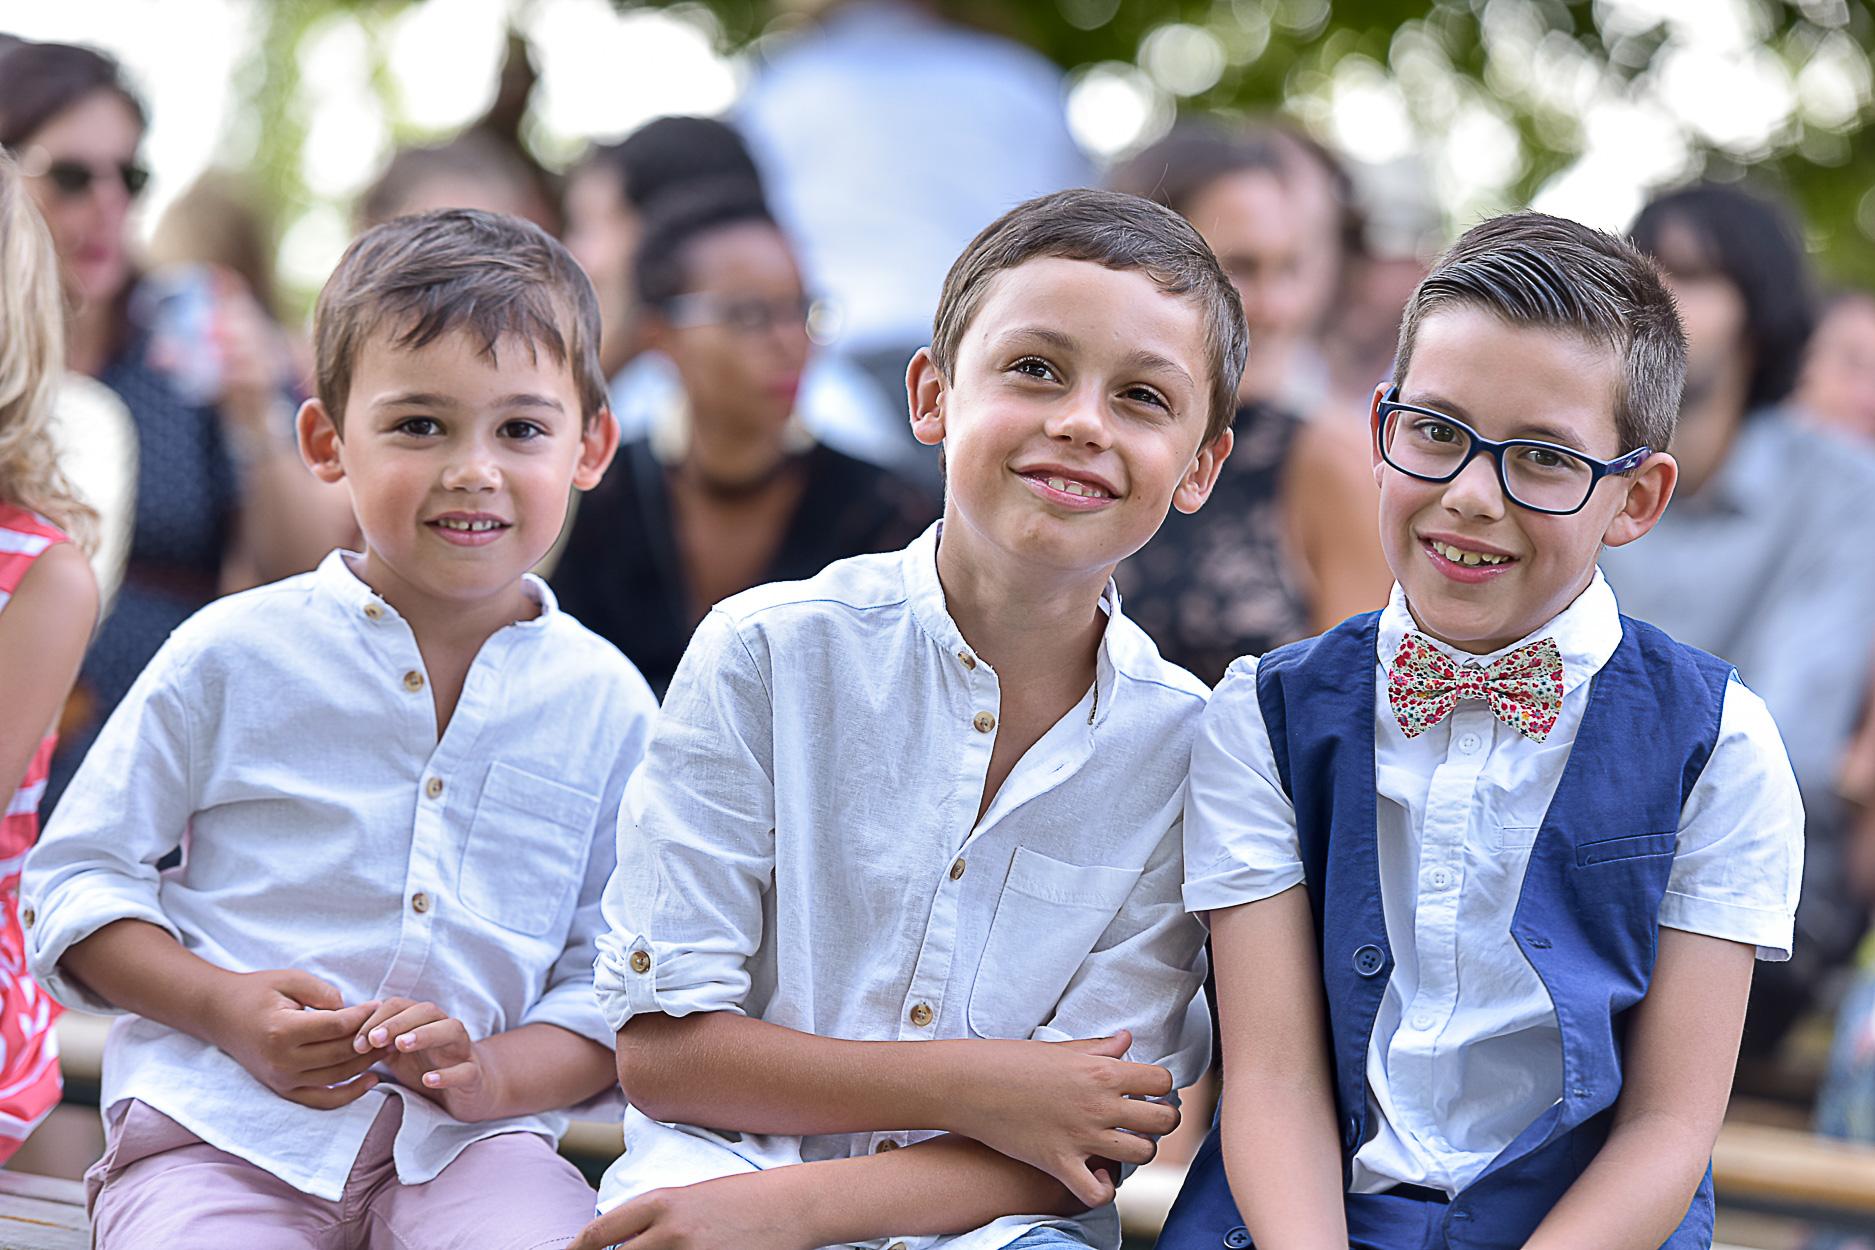 photographe-mariage-ceremonie-laique-enfants-ferme-armenon